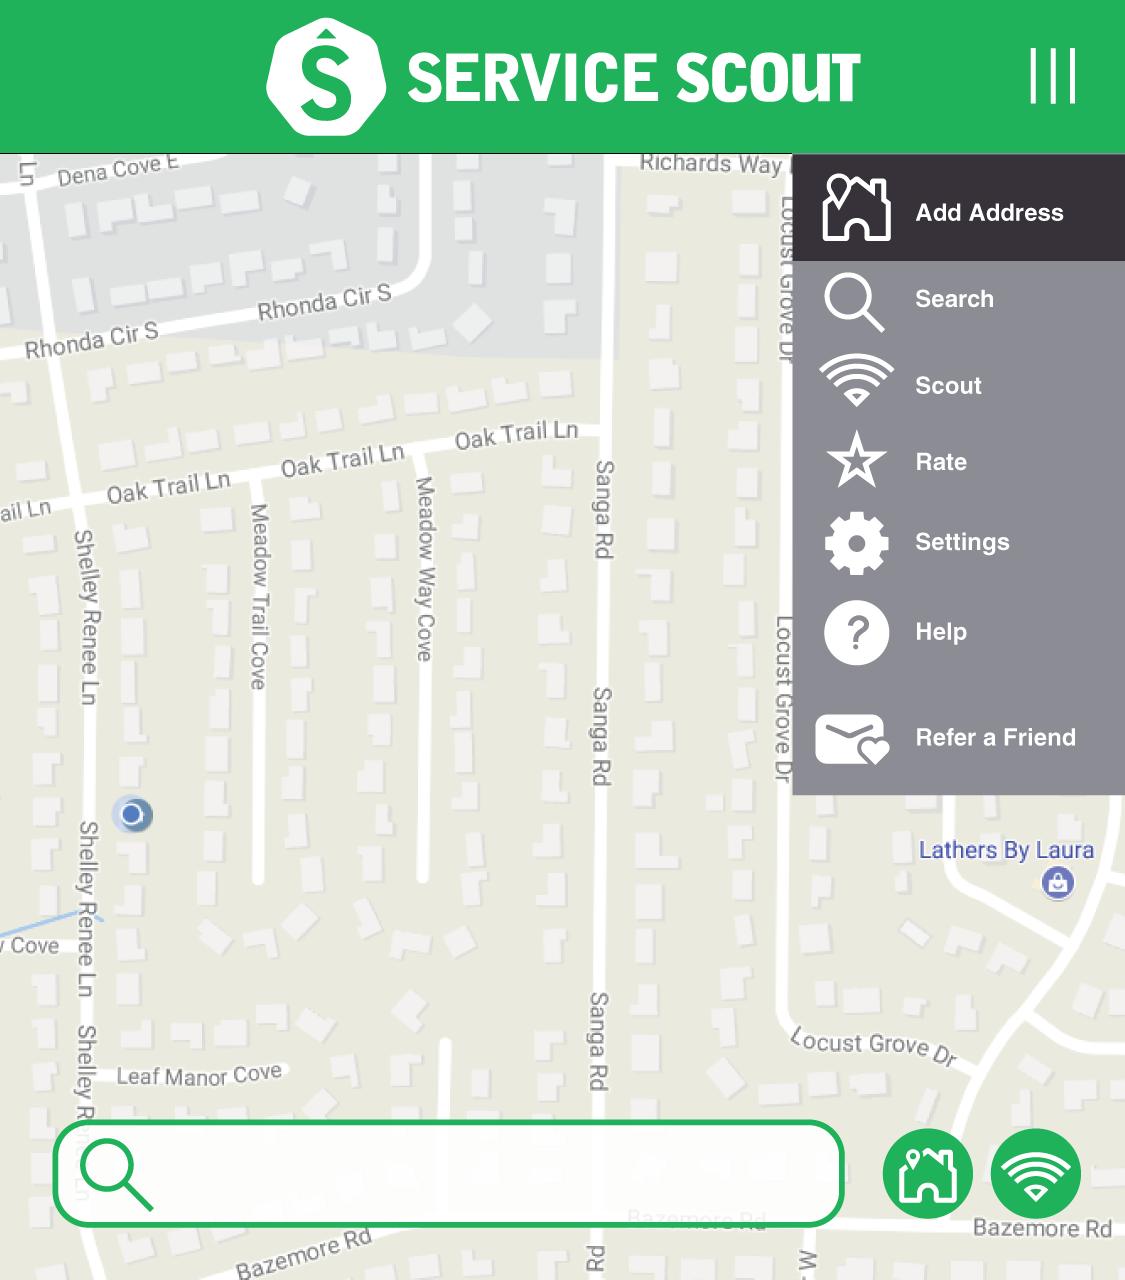 Service-Scout_Application-Design_Branding_Dreamcapture_Memphis-TN_2